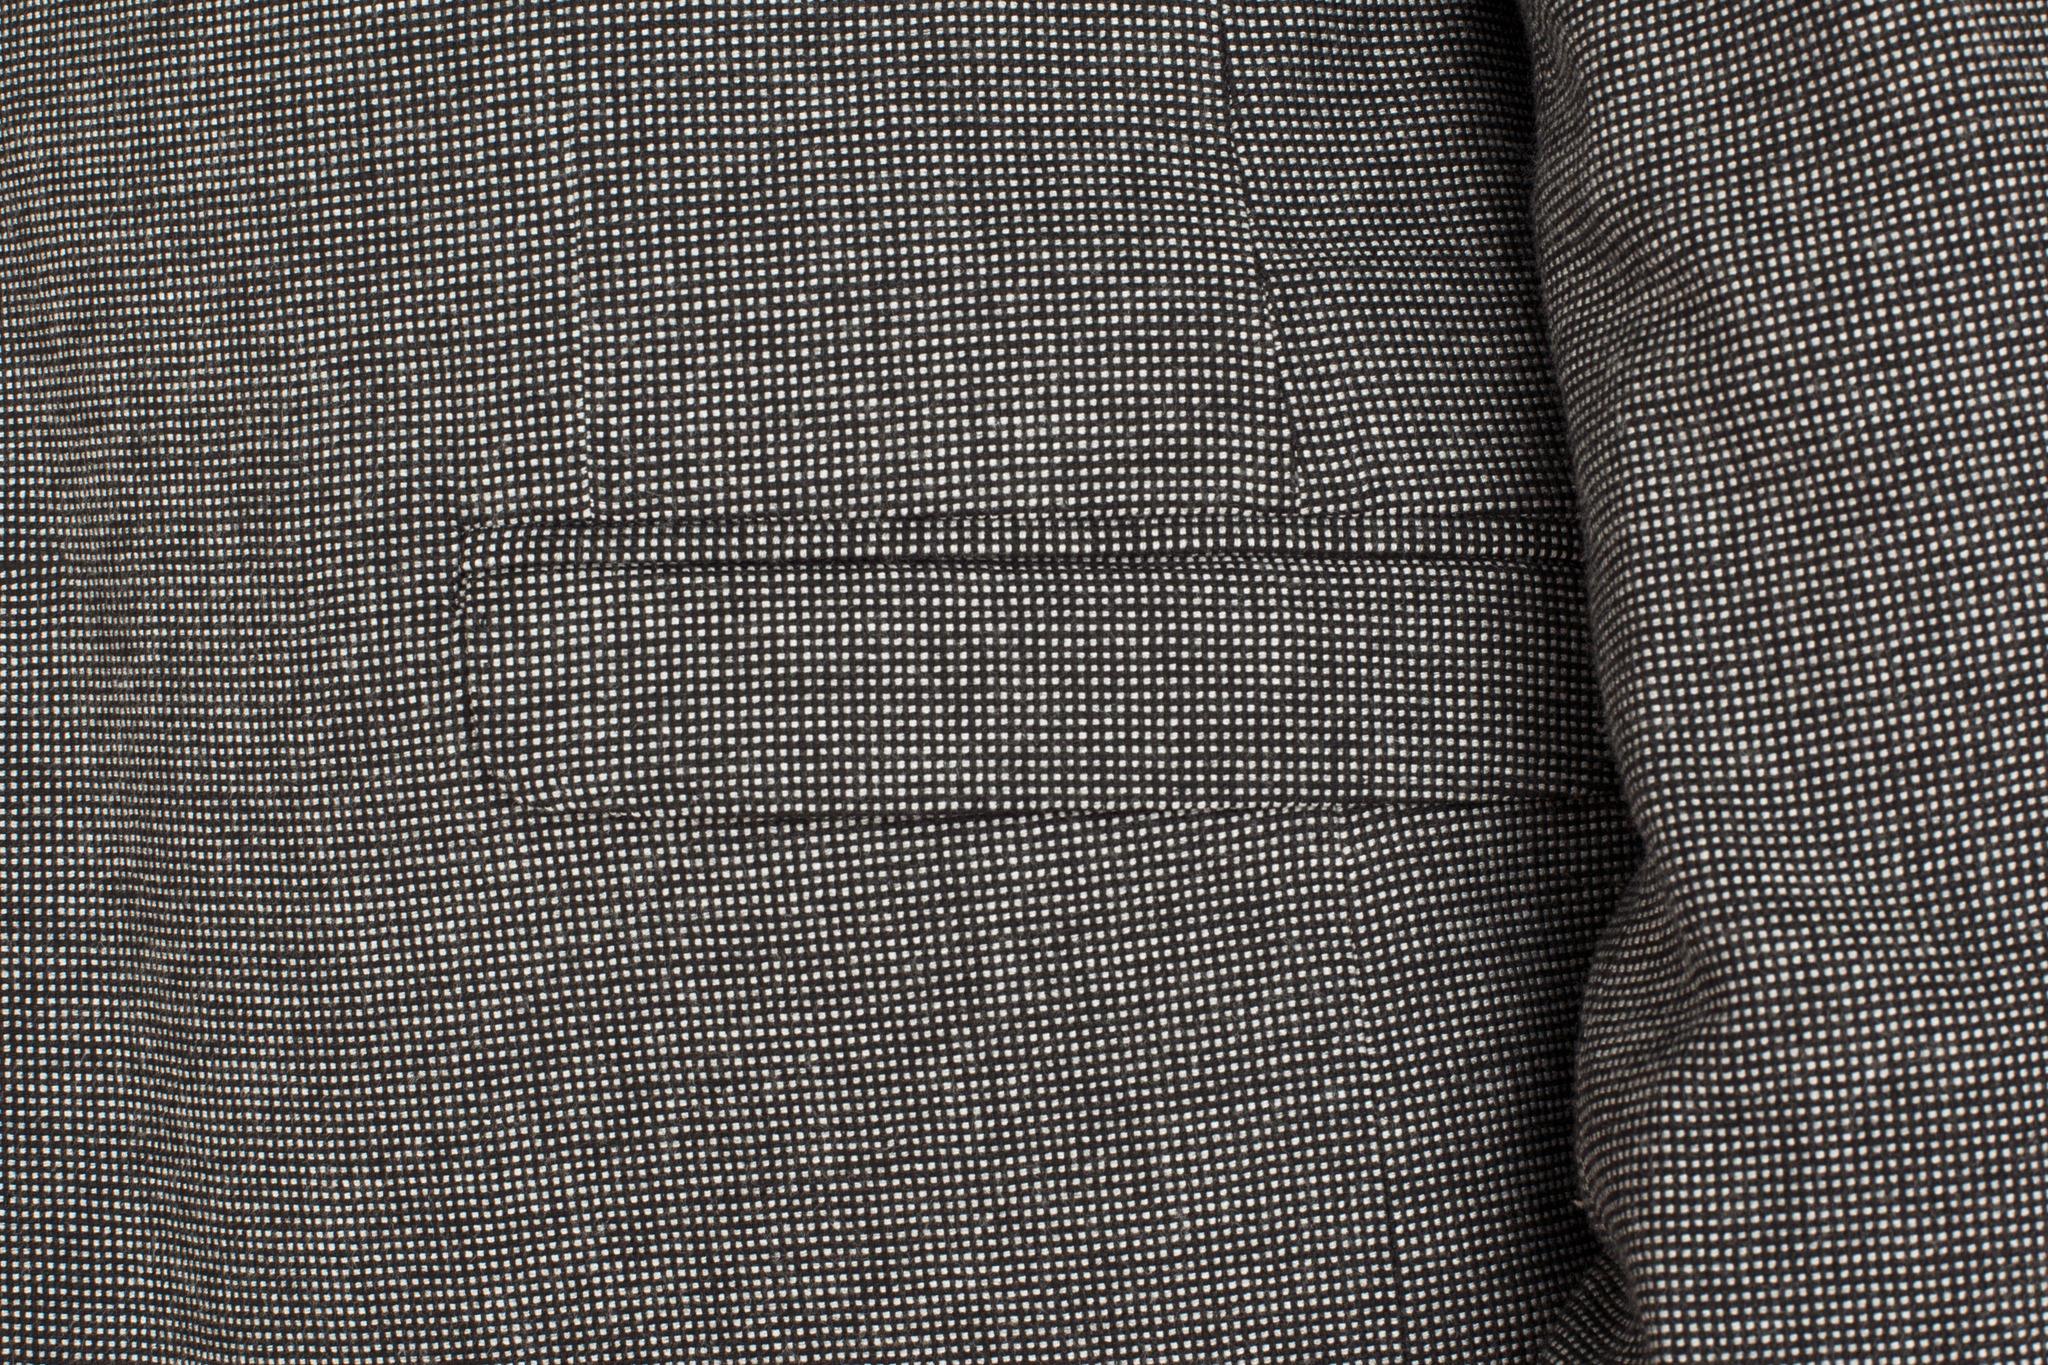 Серый хлопоковый пиджак, накладной карман